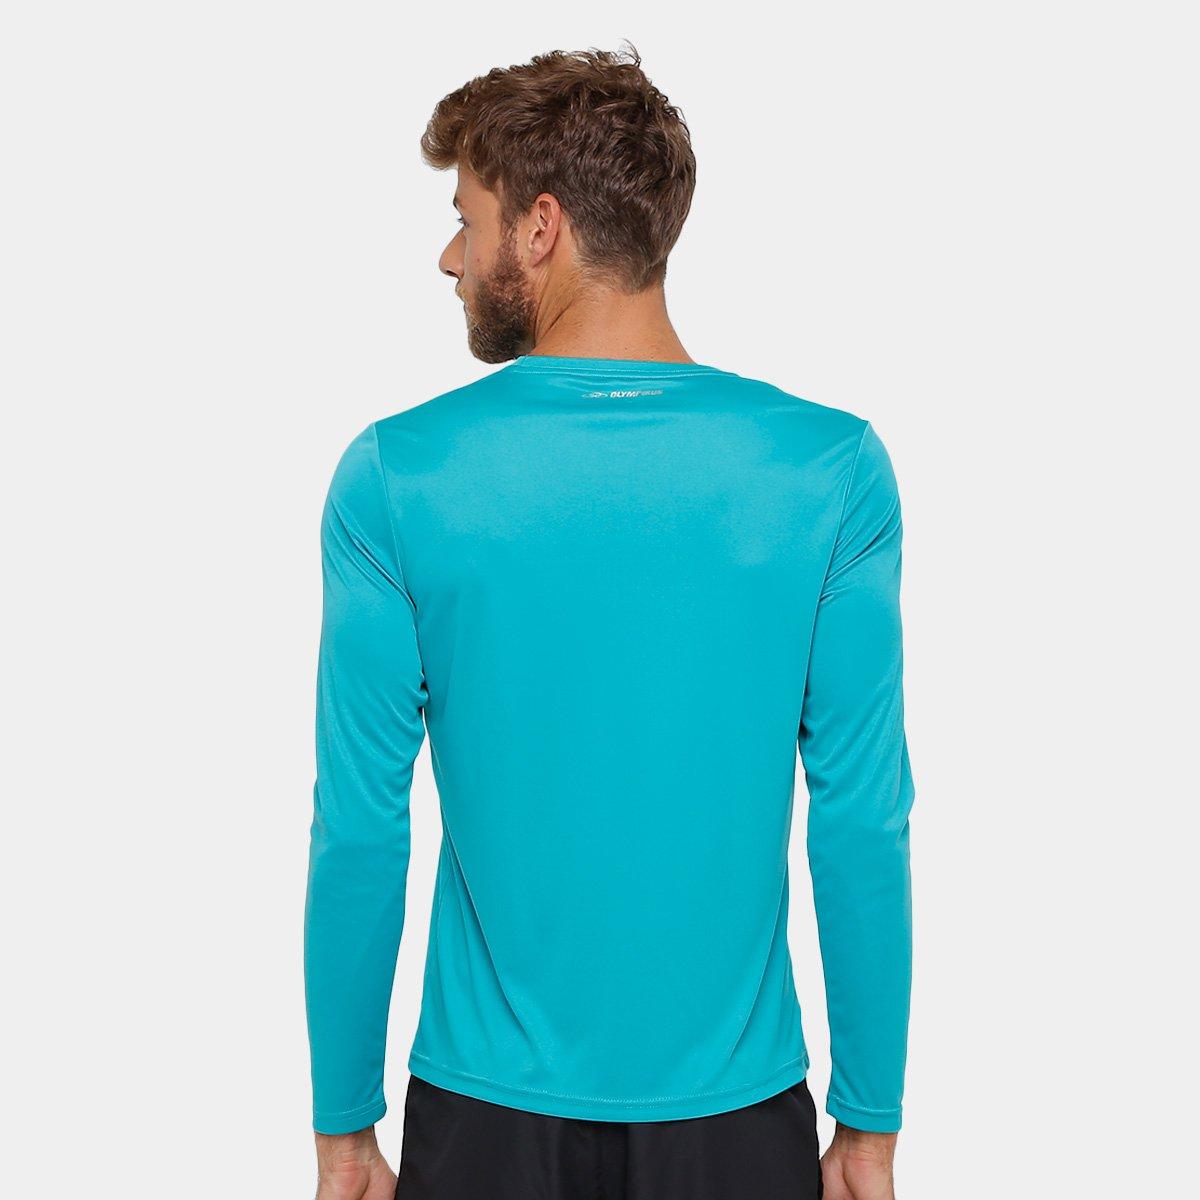 ... Camiseta Olympikus Essential Proteção UV 50+ Manga Longa Masculina ... e7456fcdffa14